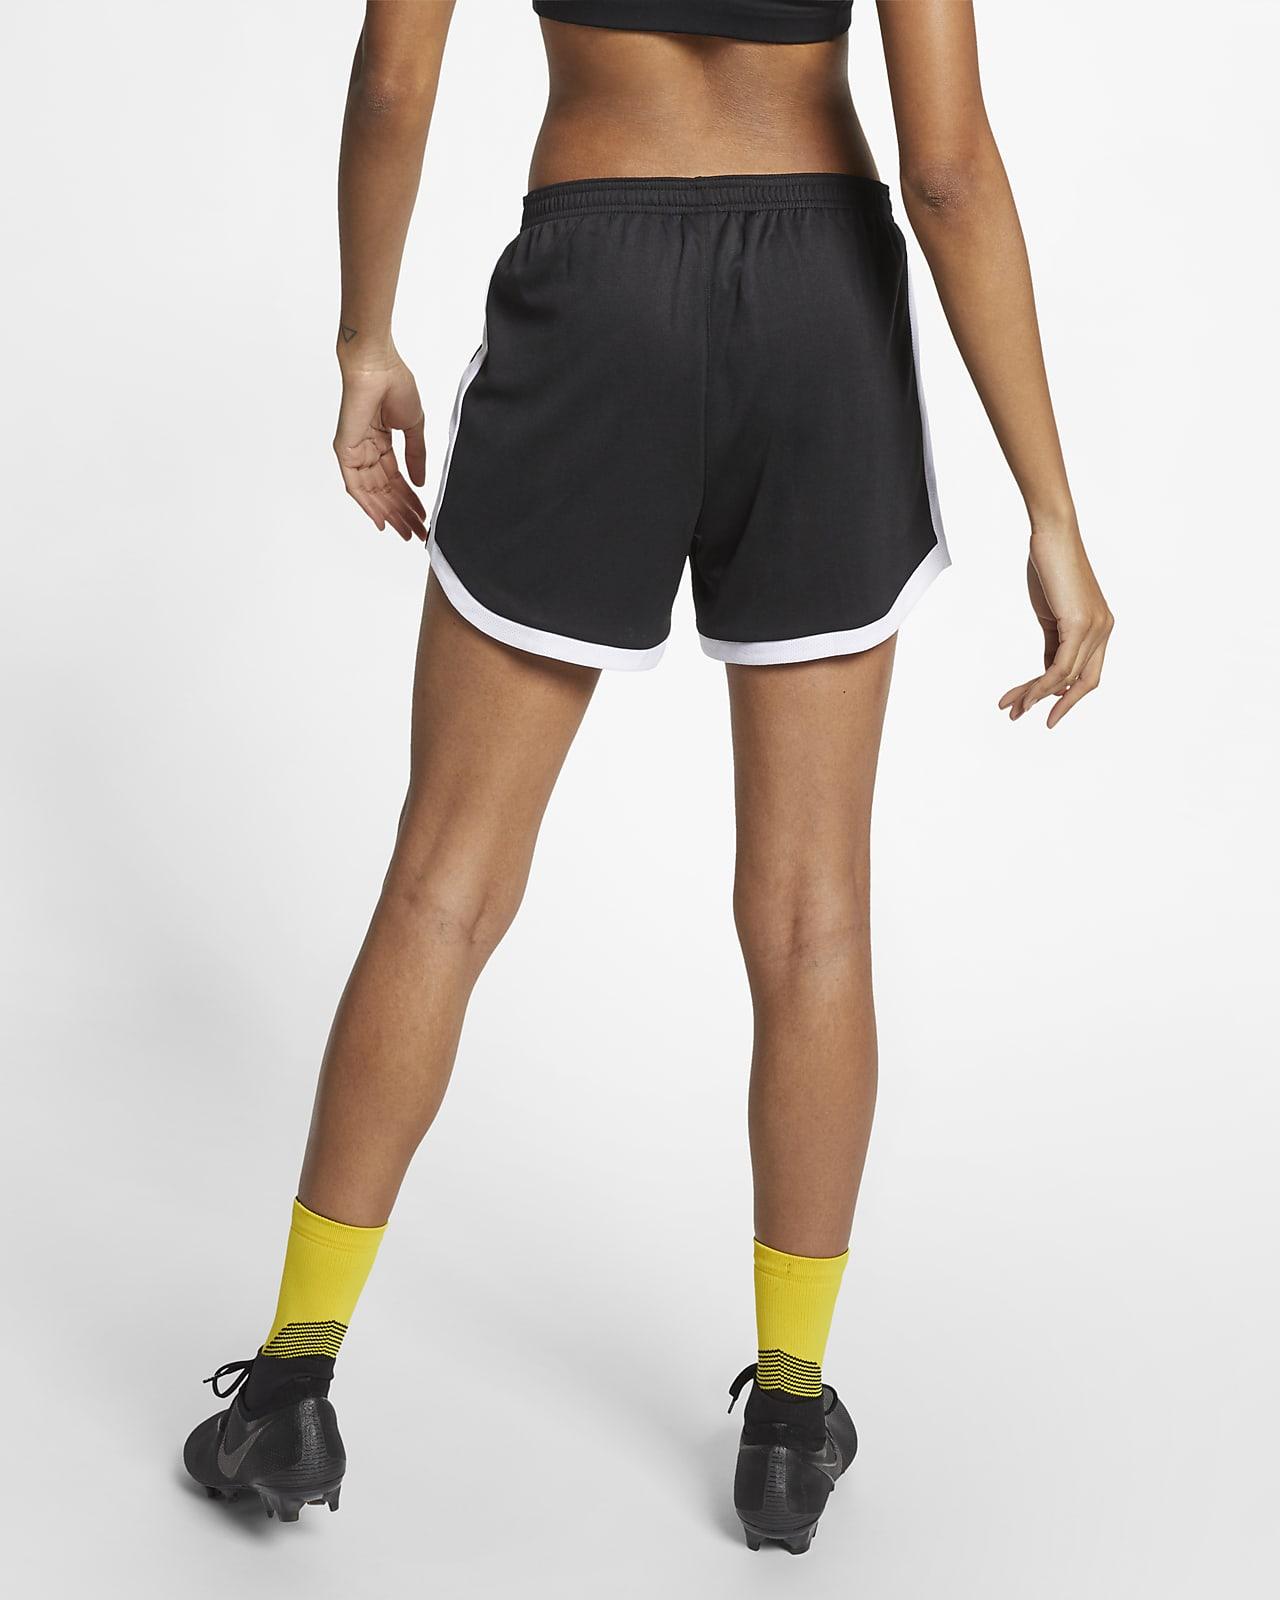 Short de football Nike Dri FIT Academy pour Femme